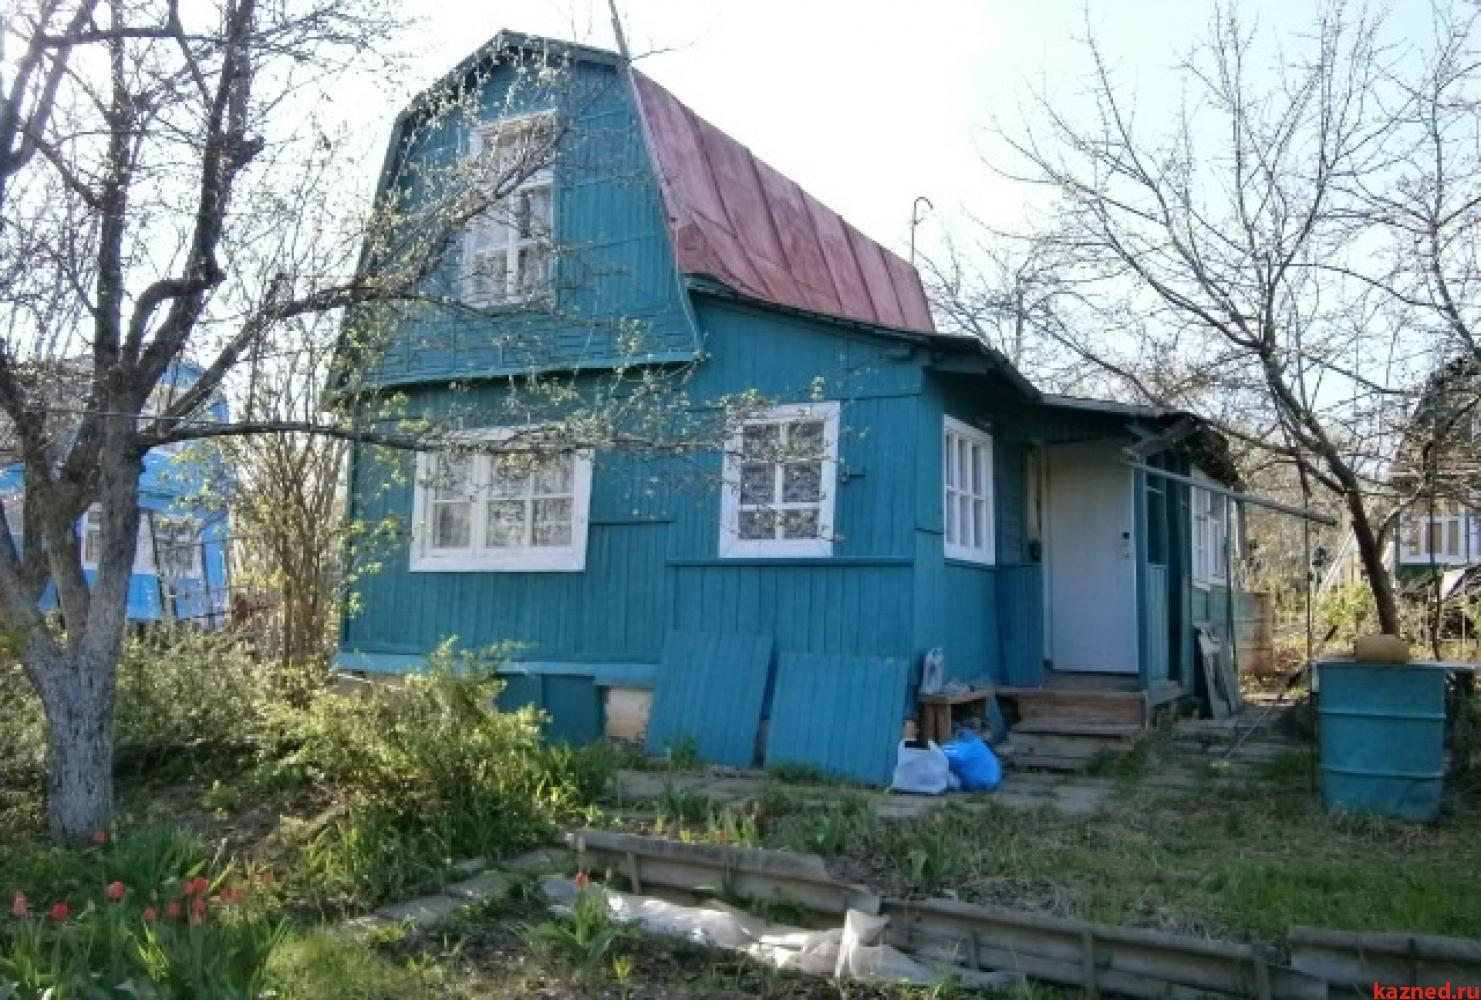 Продажа  Дома Горьковское шоссе, 60 м2  (миниатюра №4)